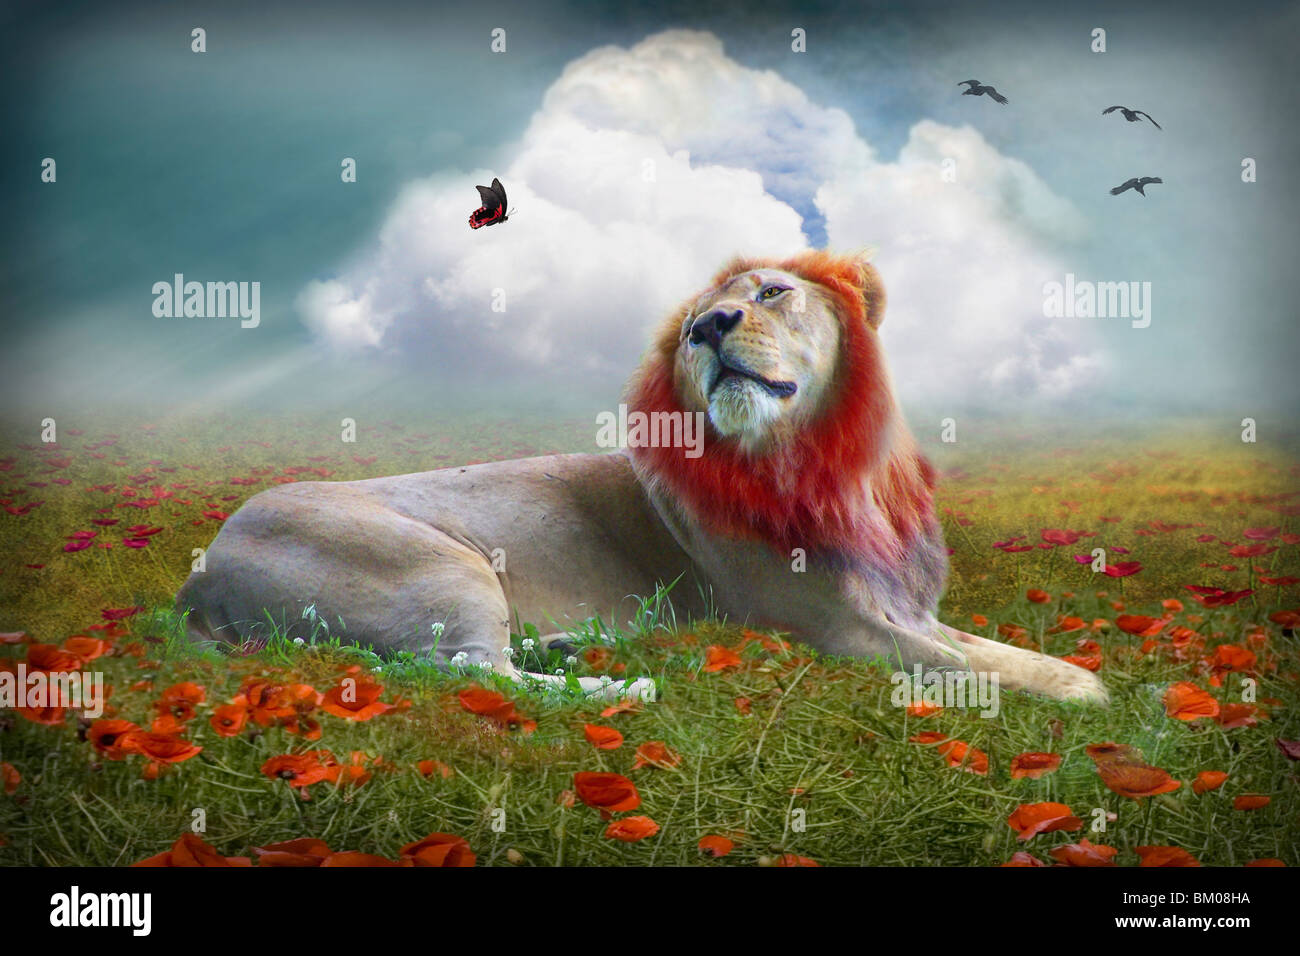 León en un campo de amapolas con mariposas Imagen De Stock